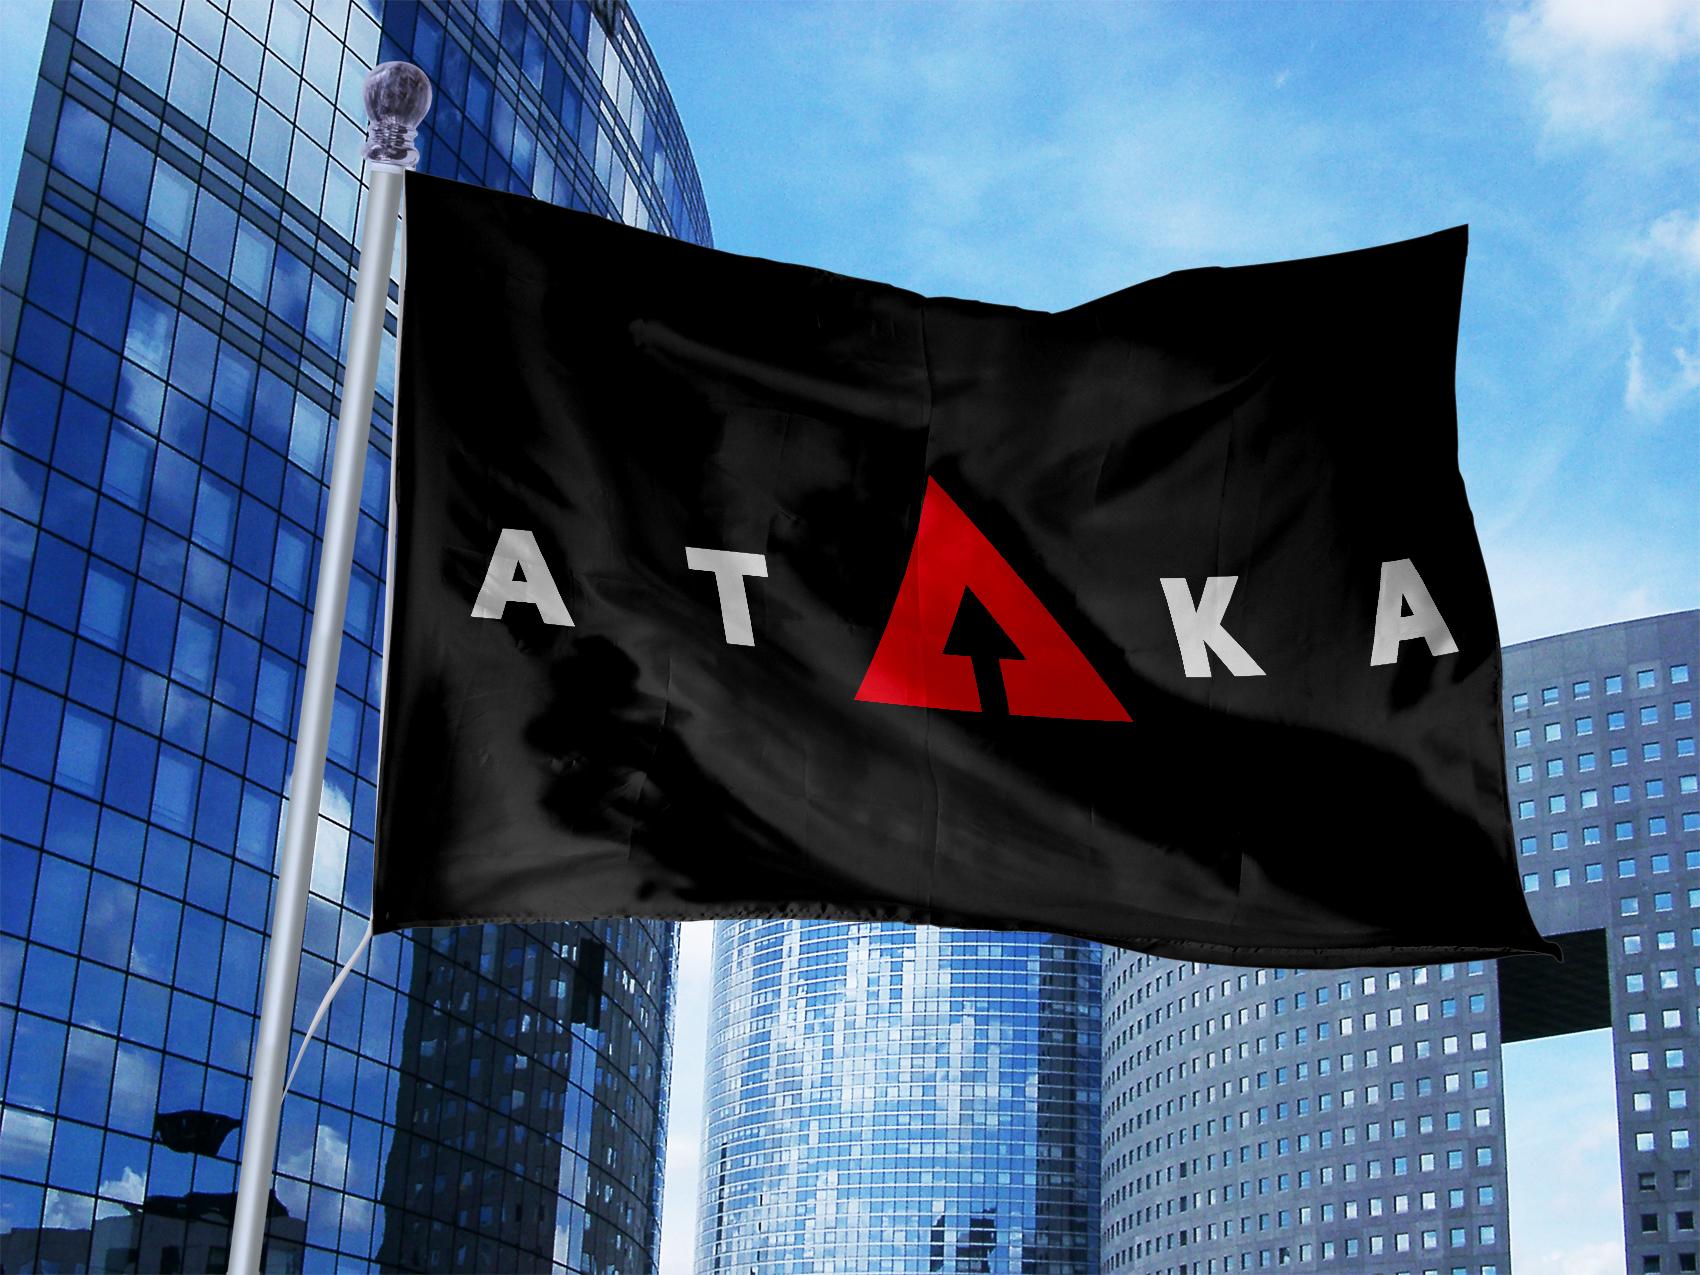 Ataka 1